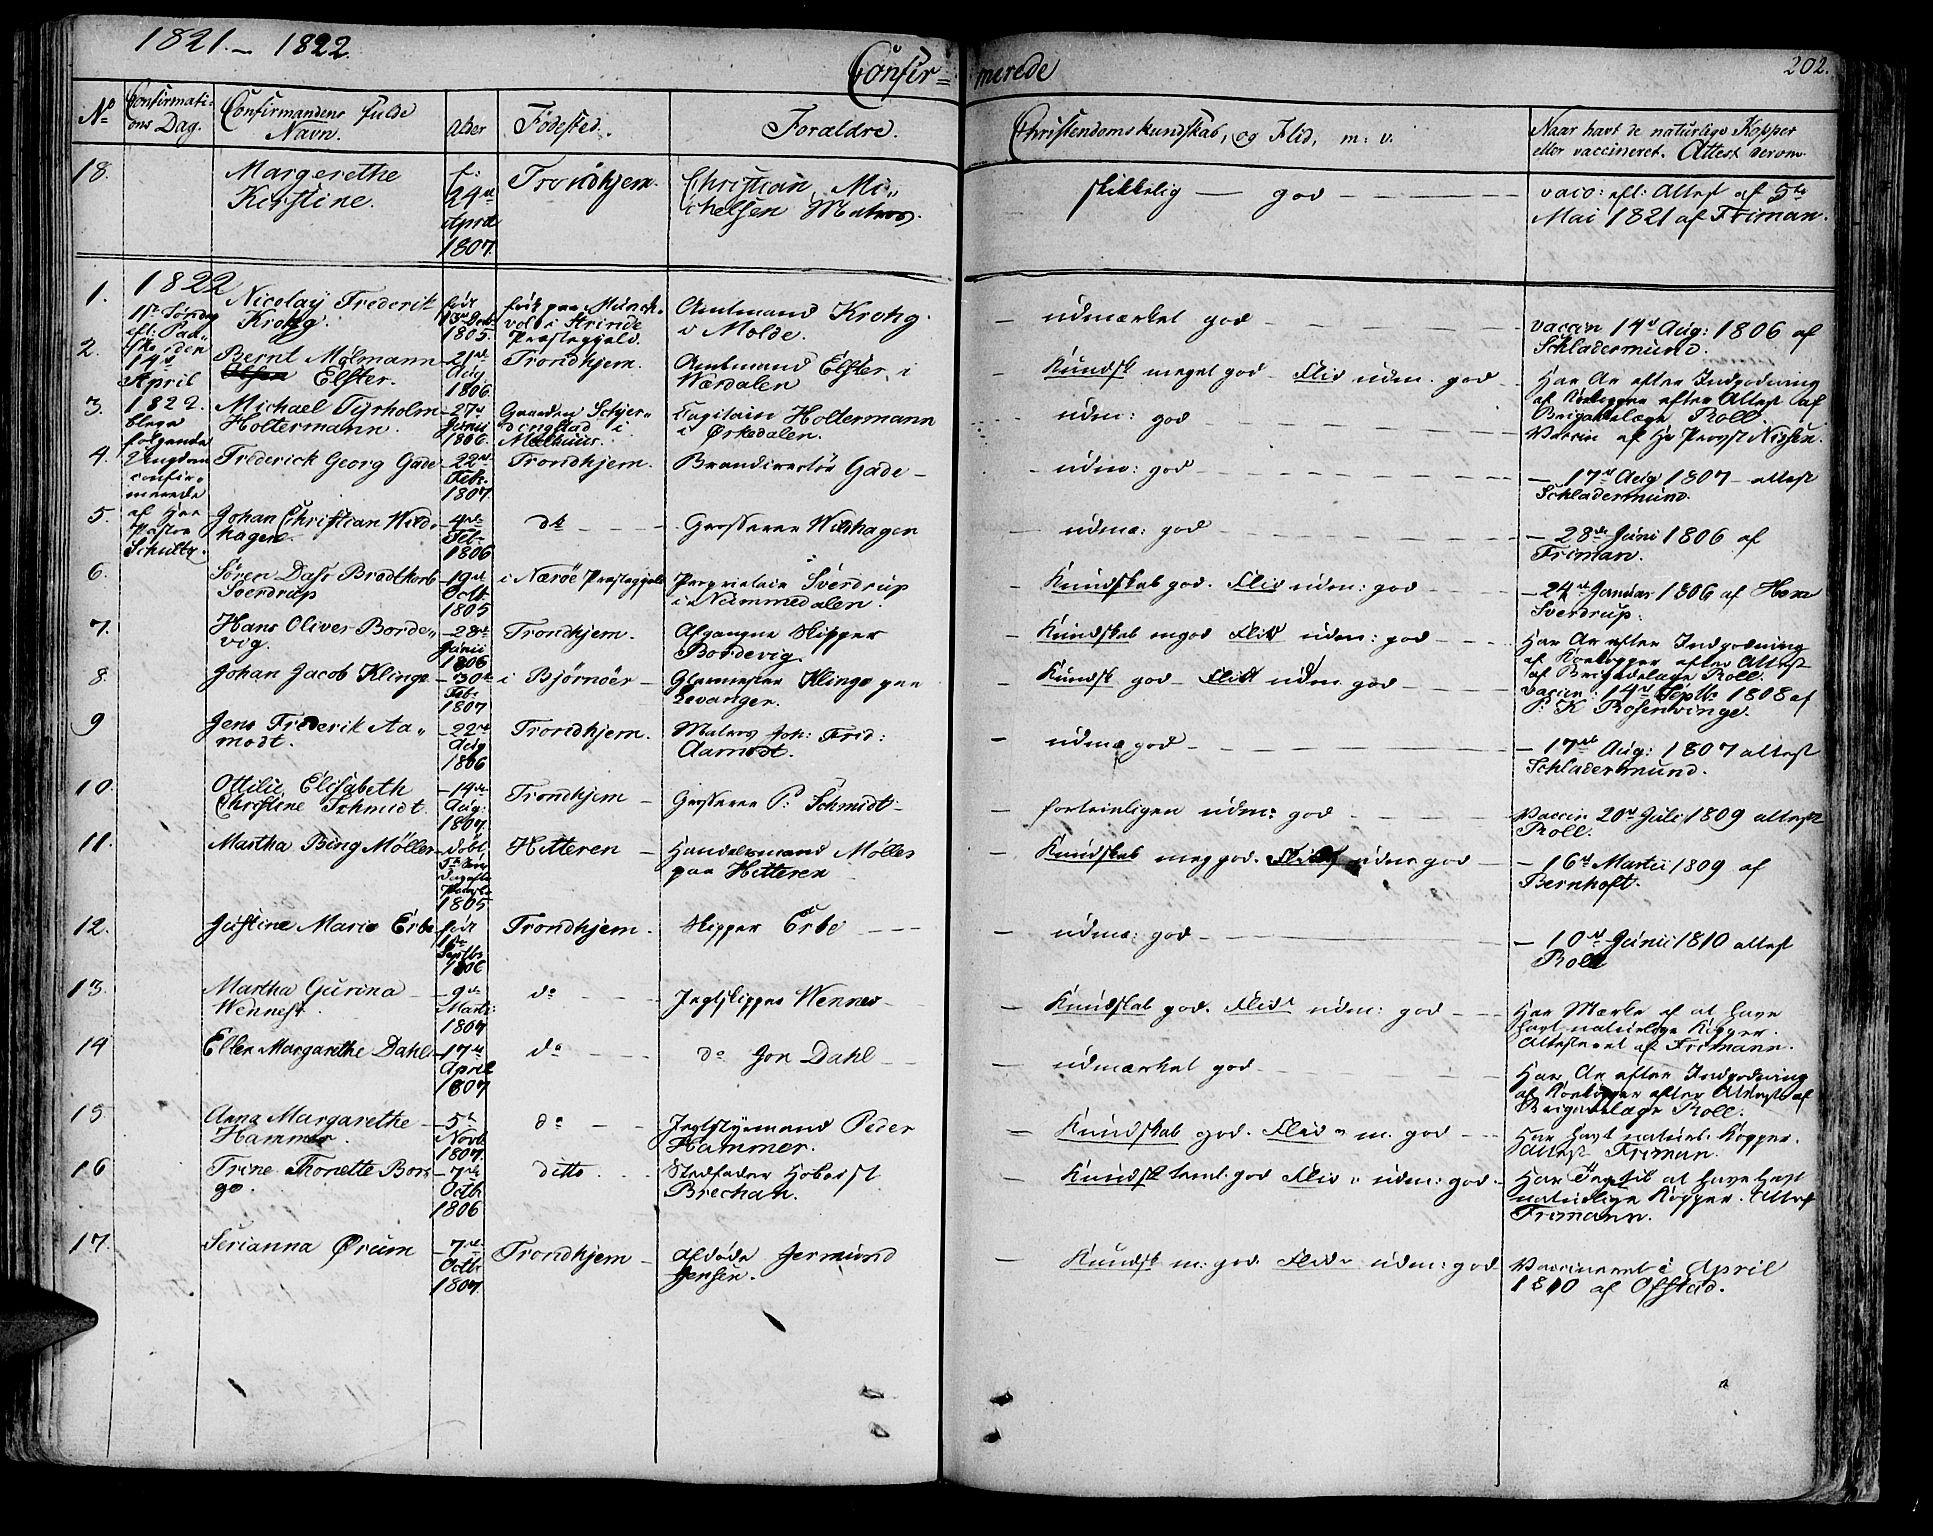 SAT, Ministerialprotokoller, klokkerbøker og fødselsregistre - Sør-Trøndelag, 602/L0108: Ministerialbok nr. 602A06, 1821-1839, s. 202